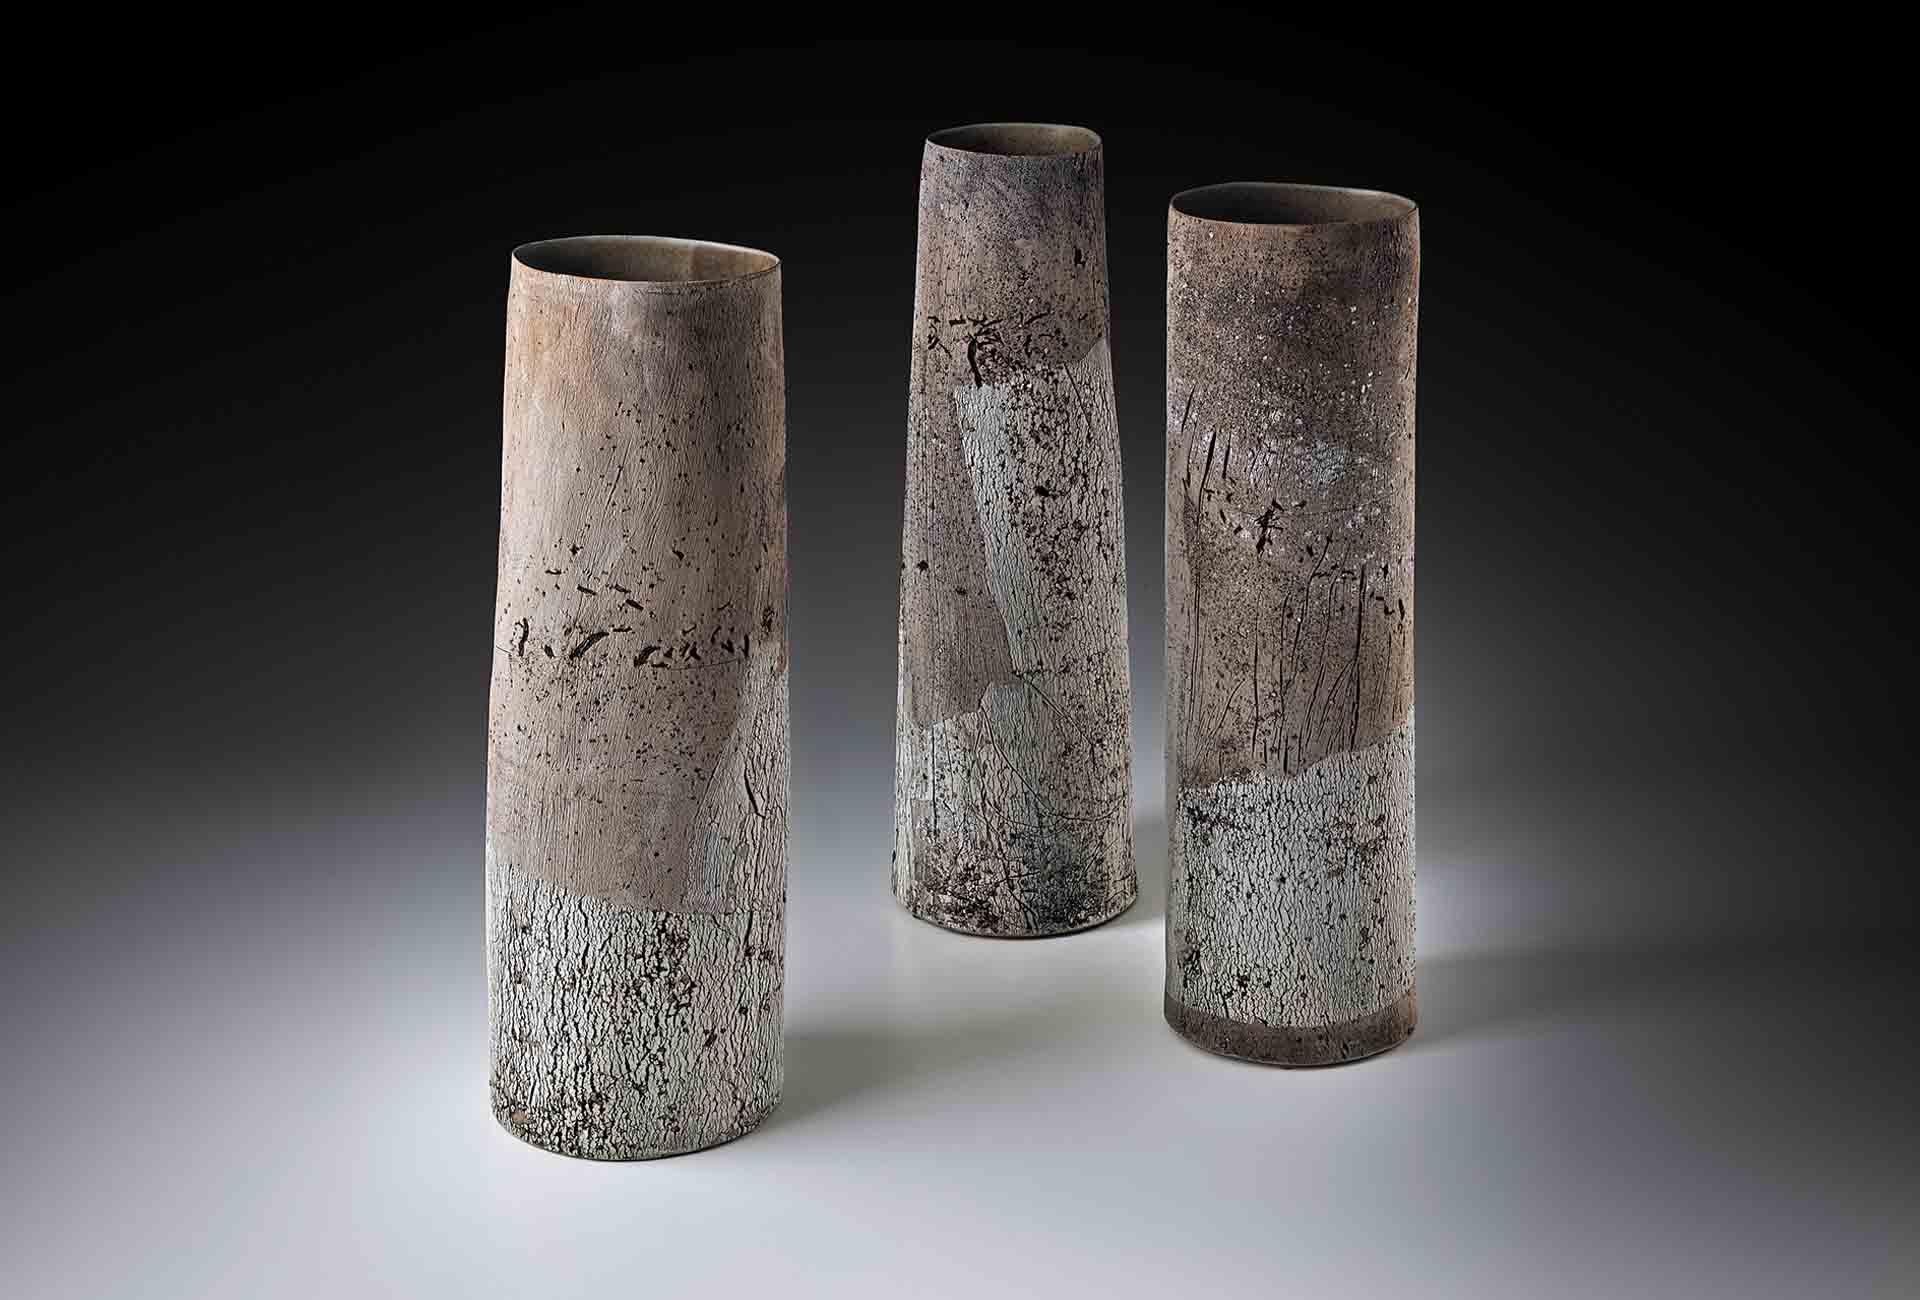 Galerie Metzger, Susanne Kallenbach, Strukturvasen Triptychon